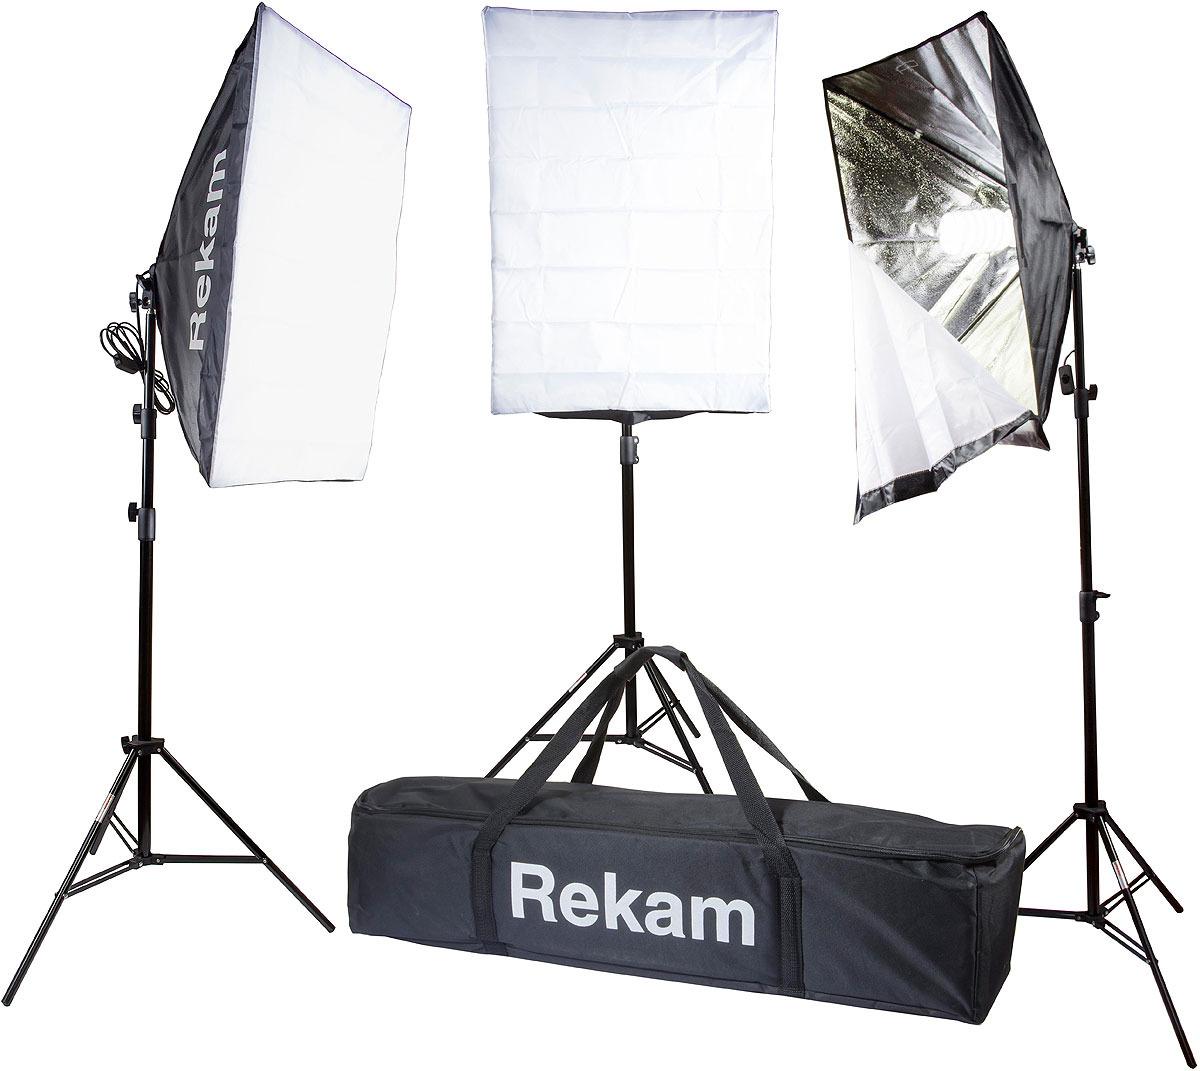 Комплект флуоресцентных осветителей Rekam CL-465-FL3-SB Kit & CL-465-FL3-SB Kit, Black